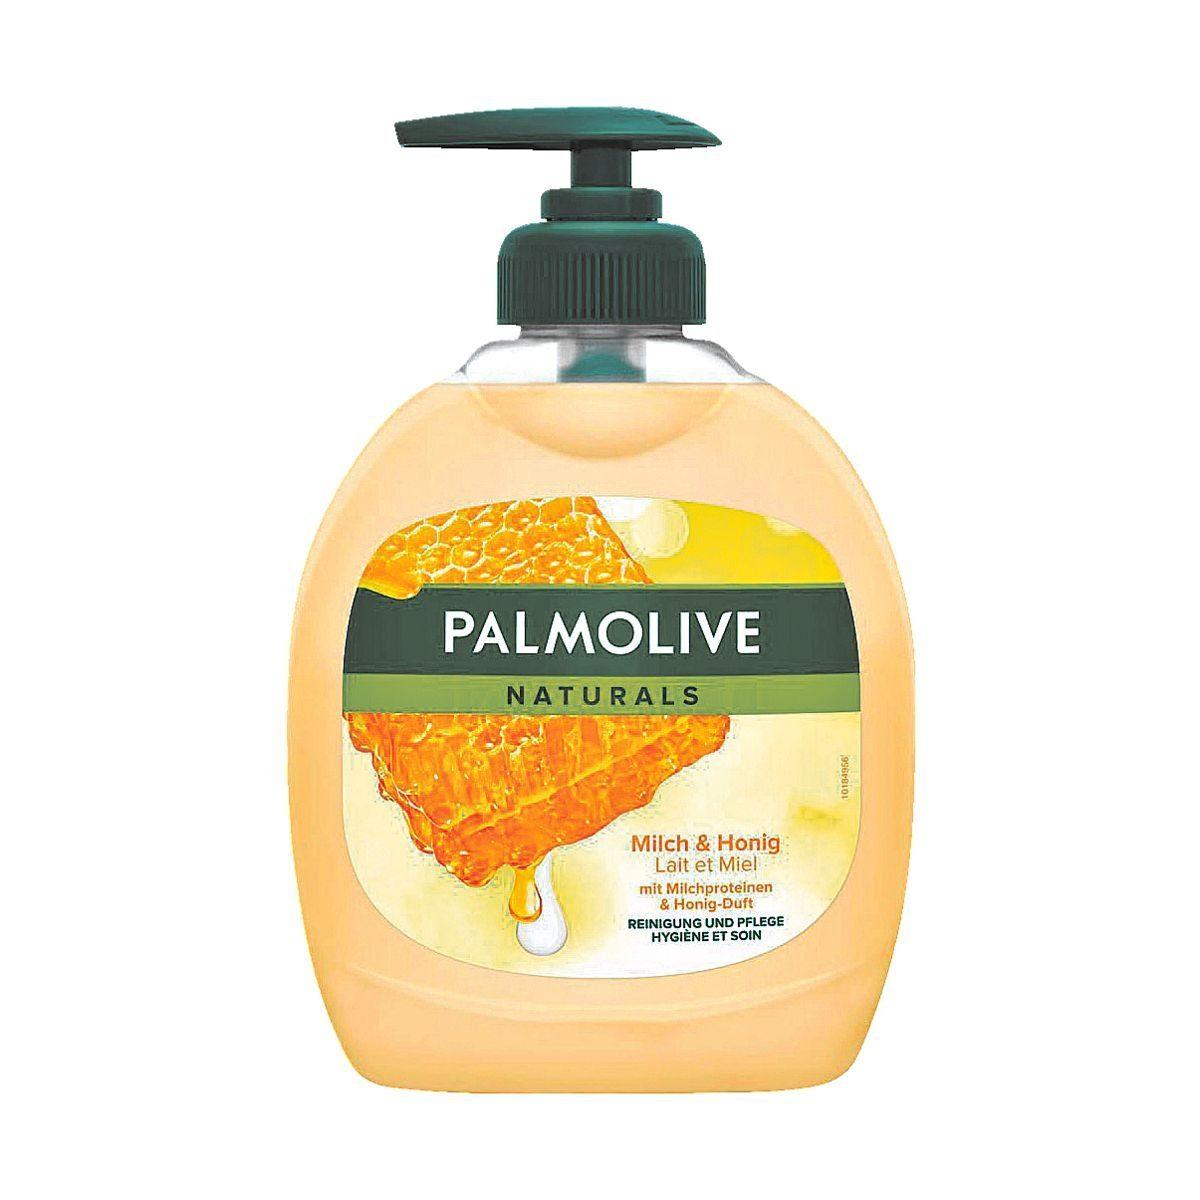 PALMOLIVE Flüssigseife »Naturals - Milch & Honig«